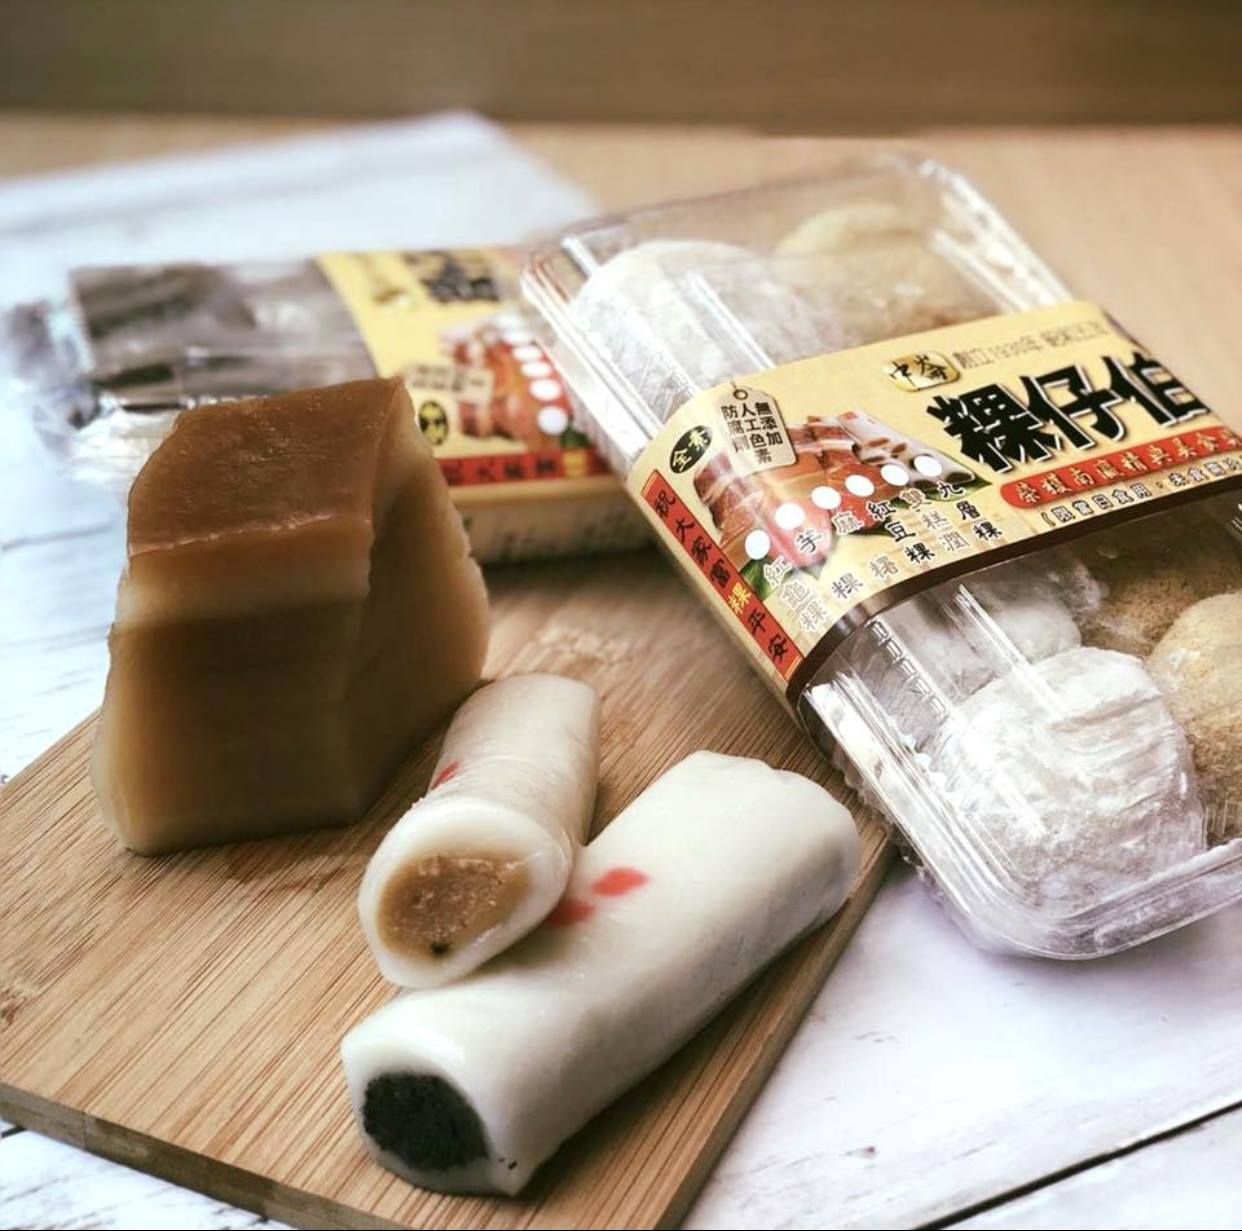 店家販售包餡麻糬、雙糕潤、芋頭粿、紅豆粿、長條麻糬等多種豐富商品。圖/中崙粿仔伯...